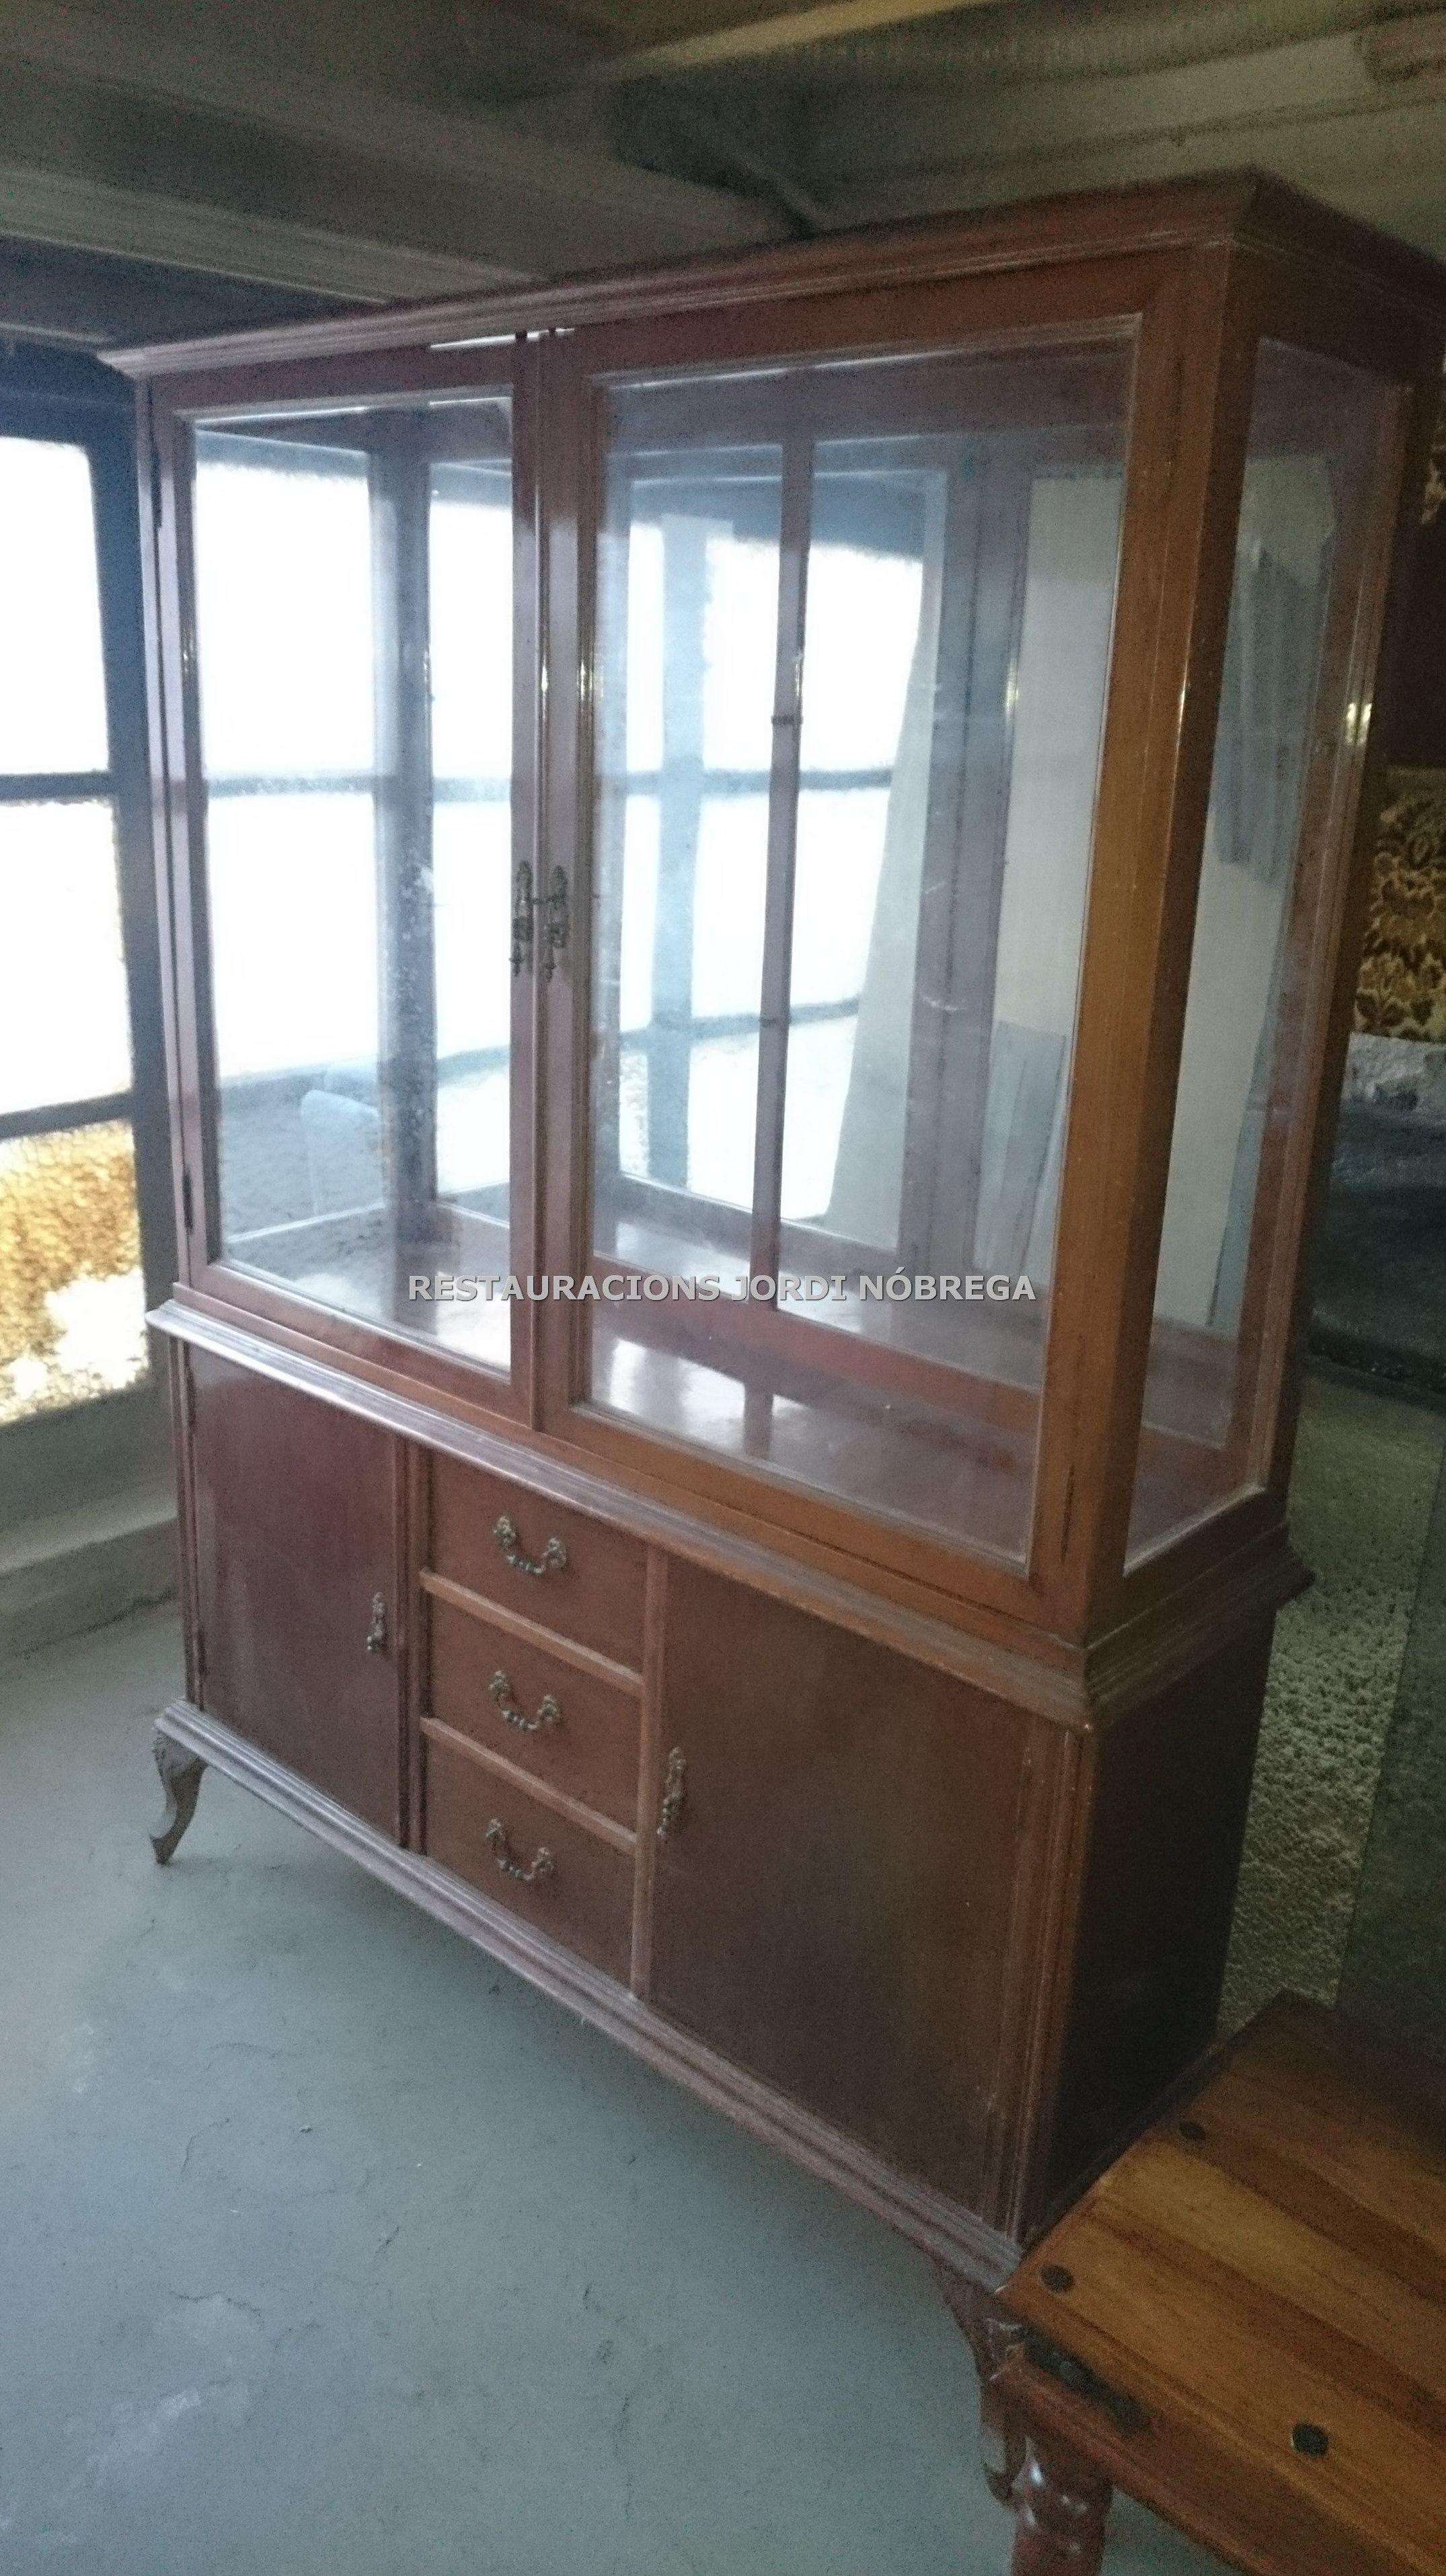 Foto 21 de restauraci n de muebles y antig edades en - Restauracion de muebles barcelona ...